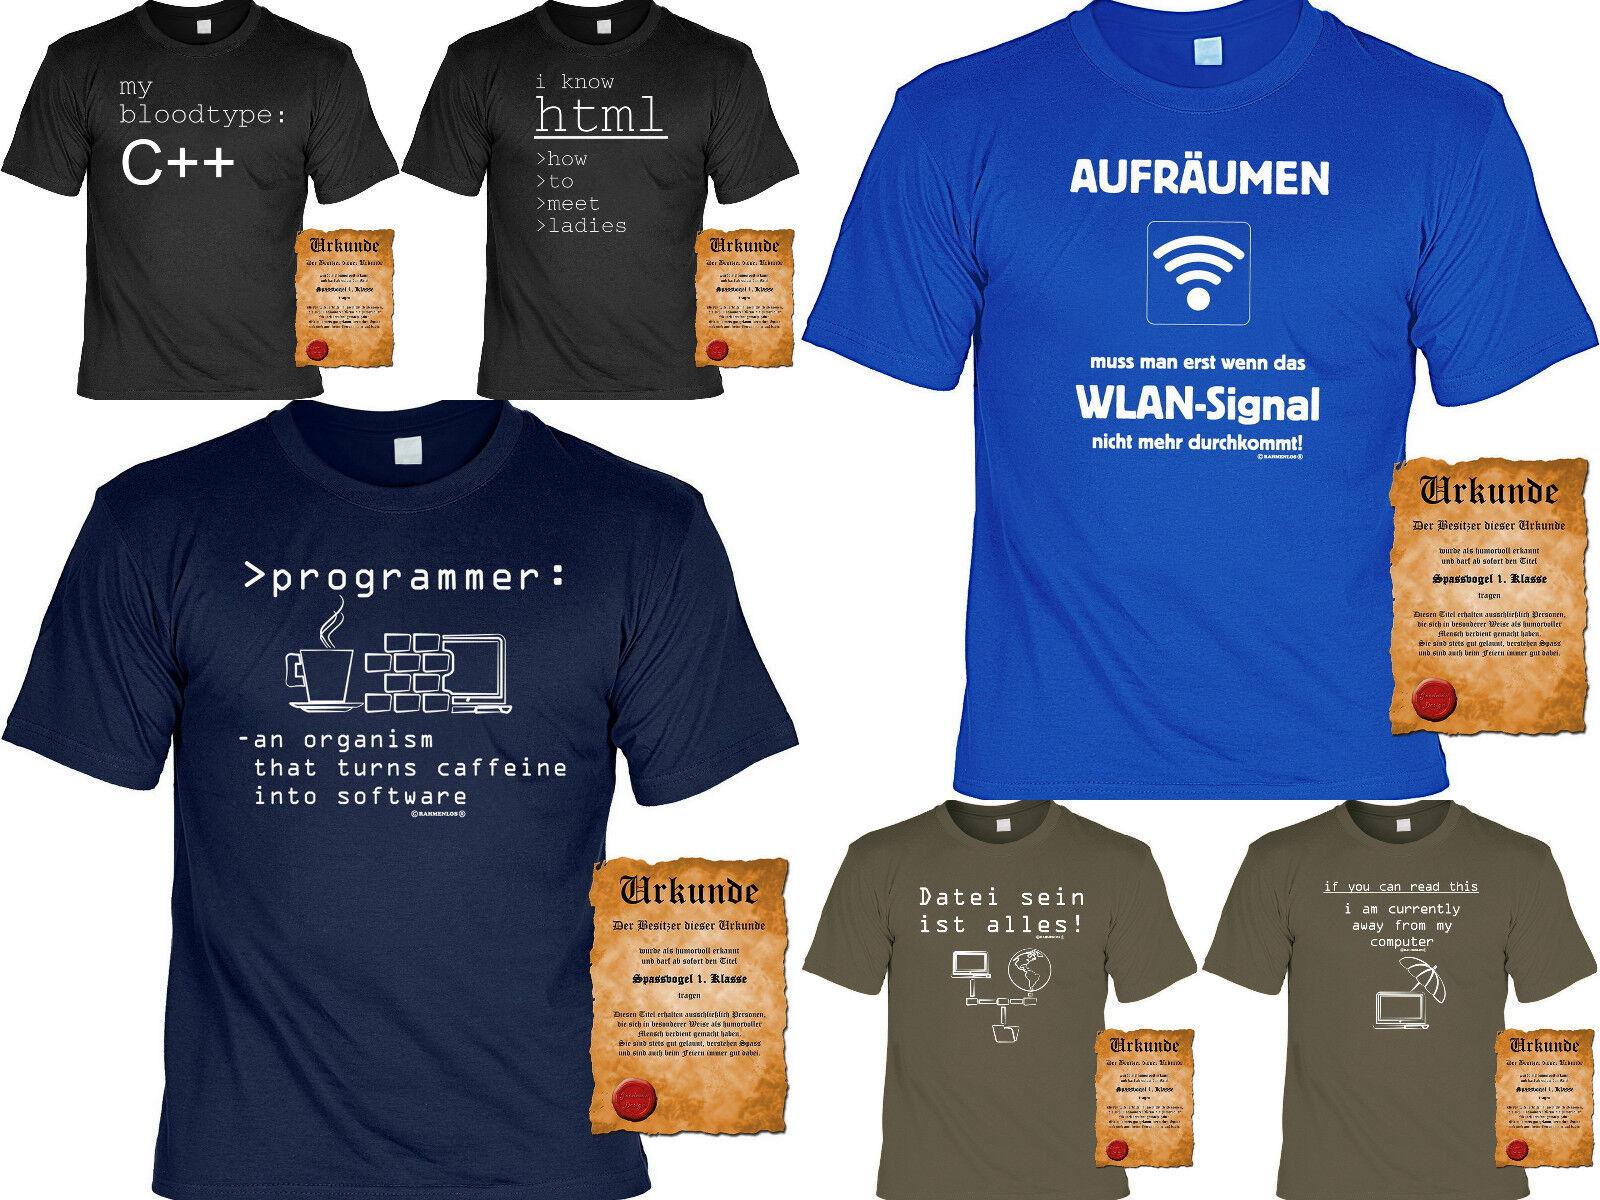 Cooles Fun Partyshirt Funshirt Computer Sprüche T-Shirt Nerd Wlan Computerfreak